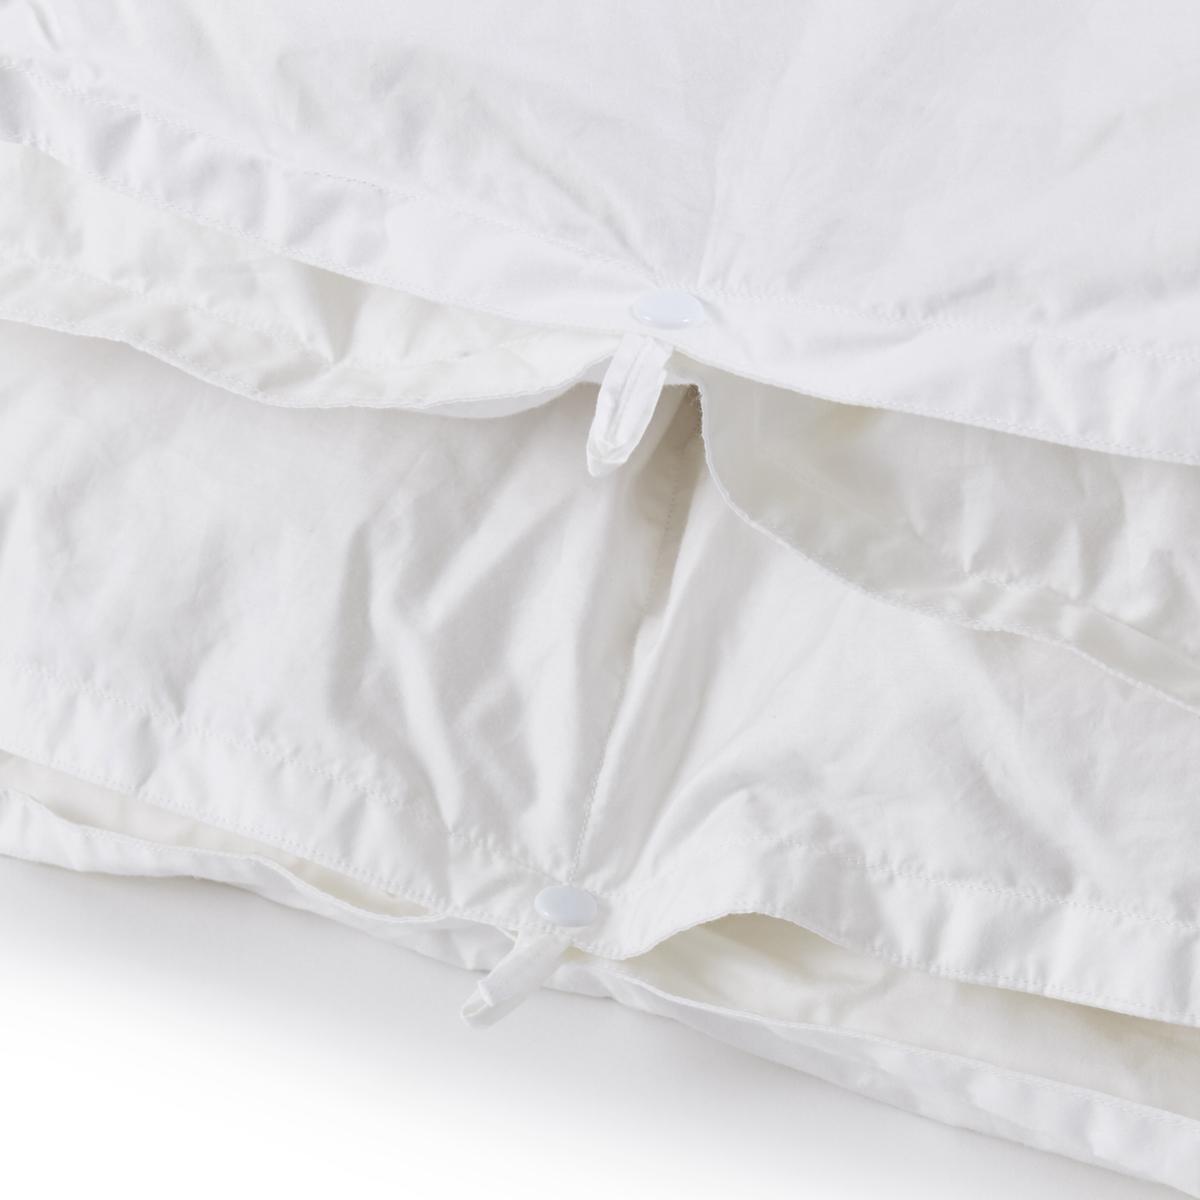 熟睡・安眠できる。高品質で長く使える耐久性の羽毛布団